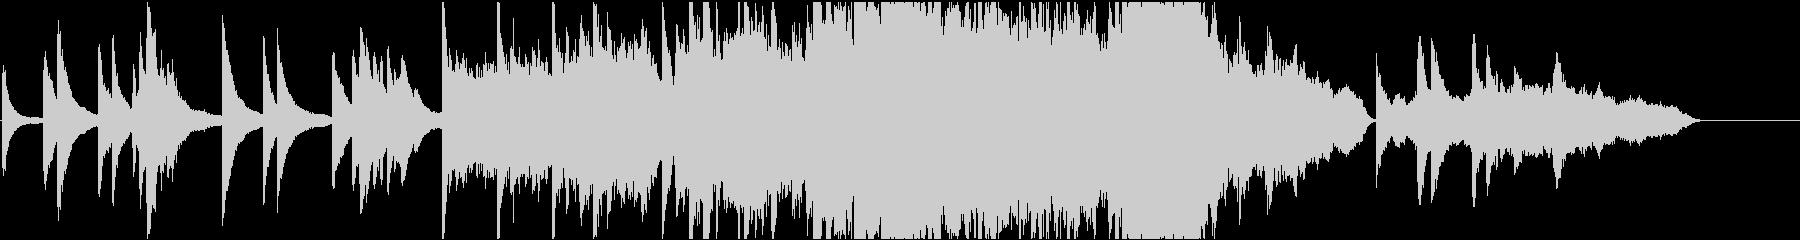 企業VP33 16bit44kHzVerの未再生の波形